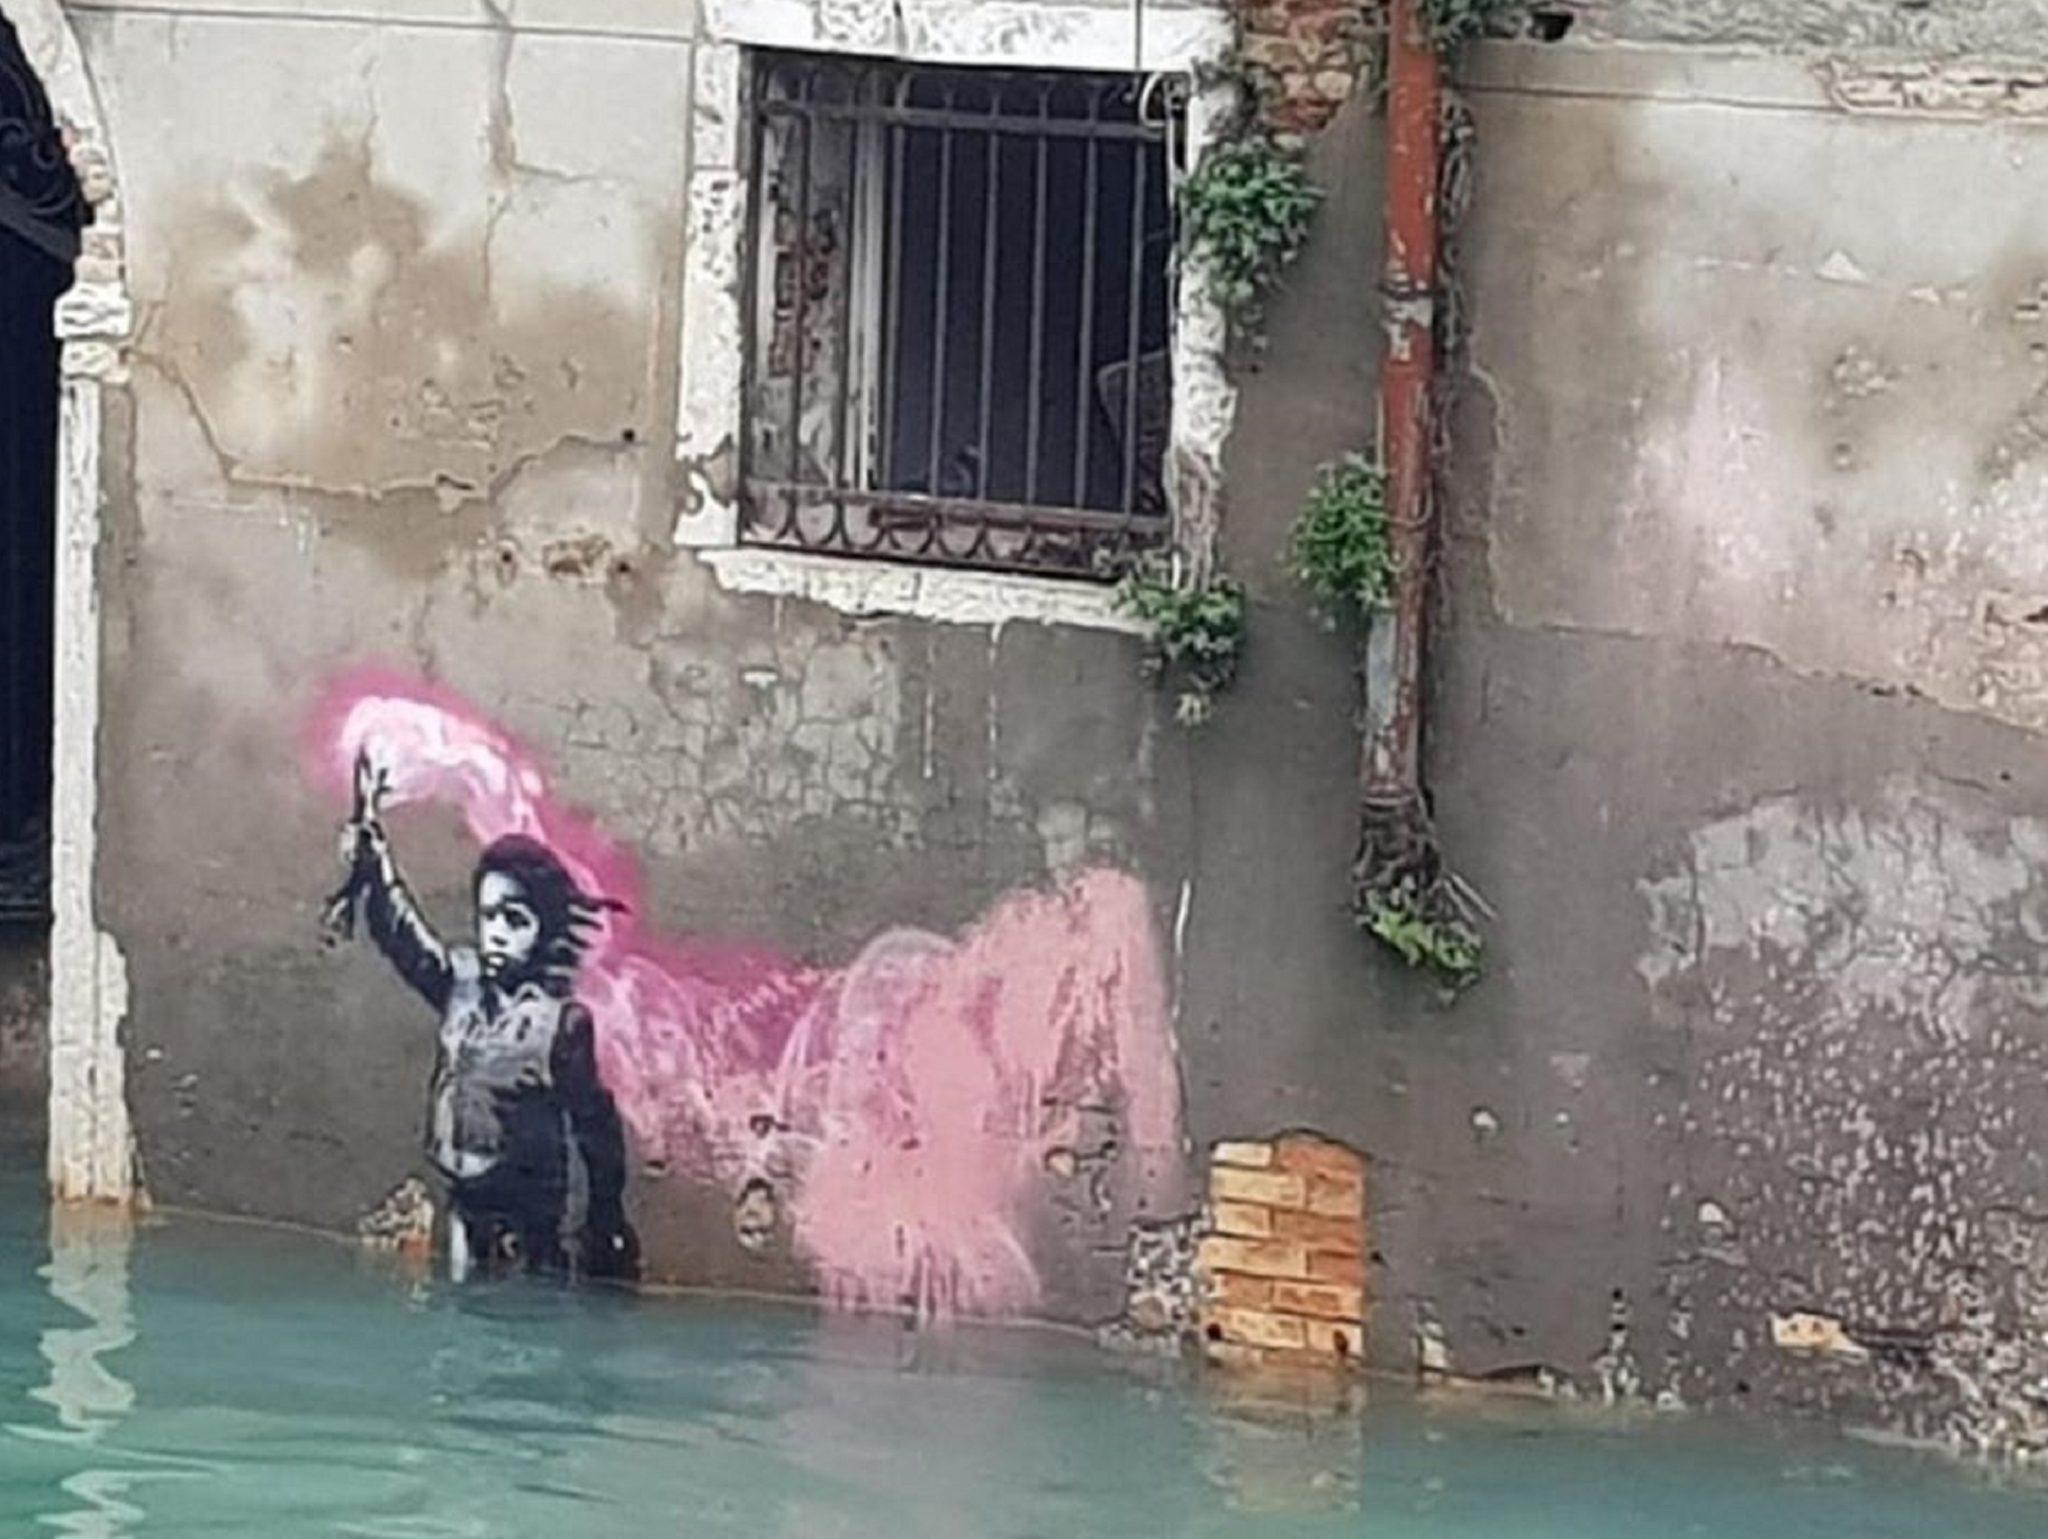 SOS VENEZIA. L'acqua alta sommerge anche il murale di Banksy